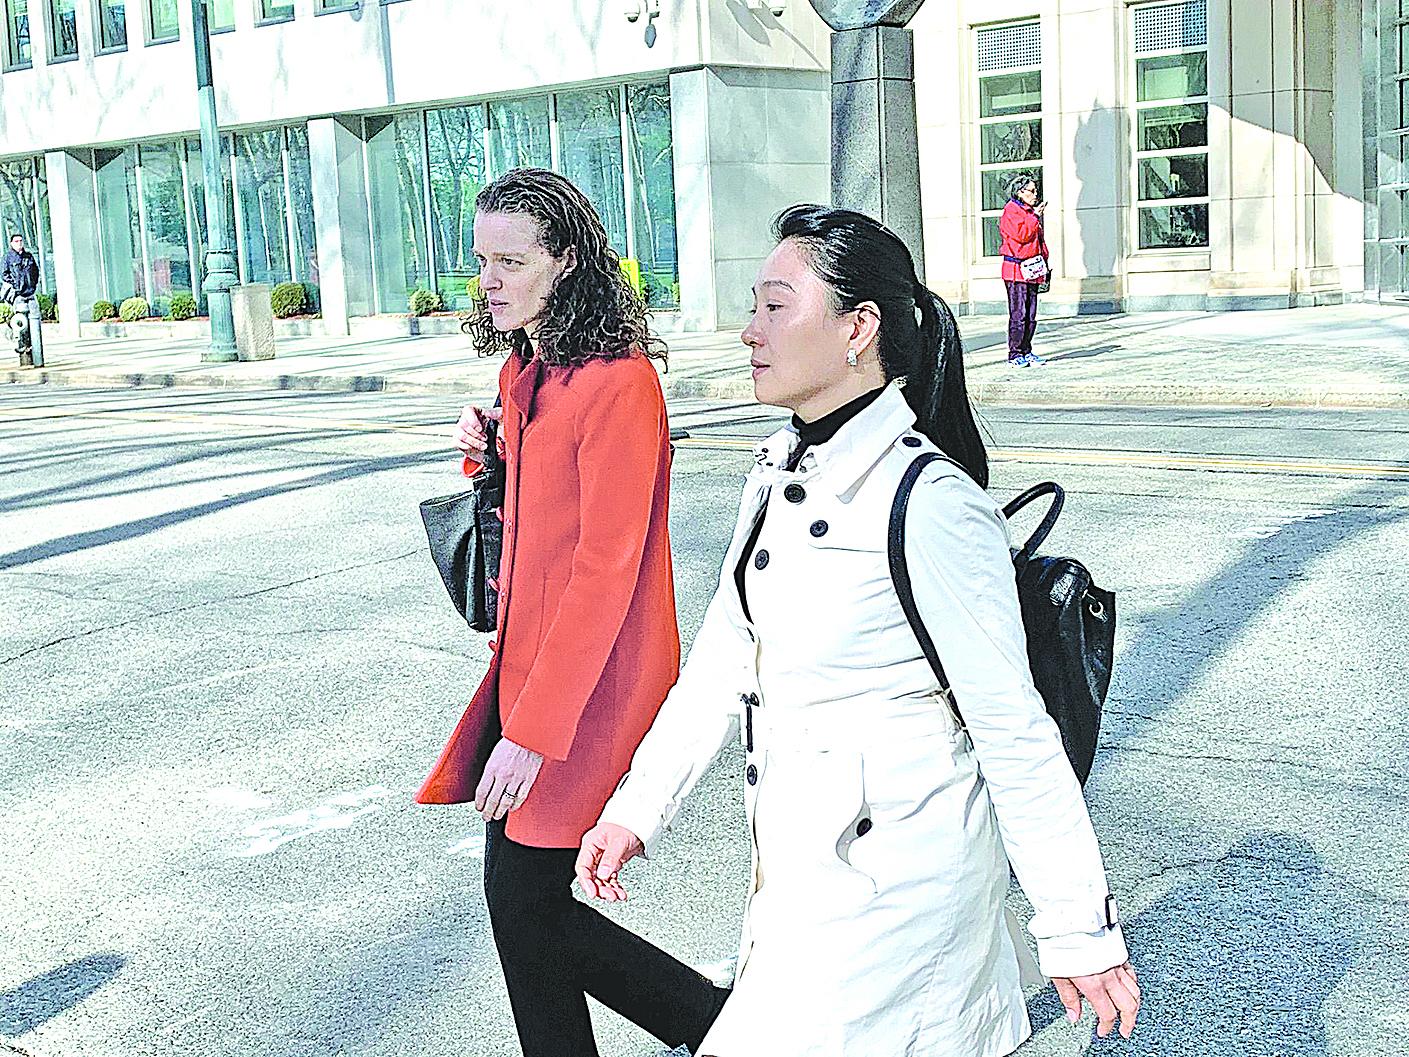 中國女子林英於4月17日在紐約布魯克林的聯邦法院表示認罪,承認她為中國(中共)政府做代理人,違反美國法律。圖為林英(右)和她的律師(左)走出法庭。(大紀元資料圖片)